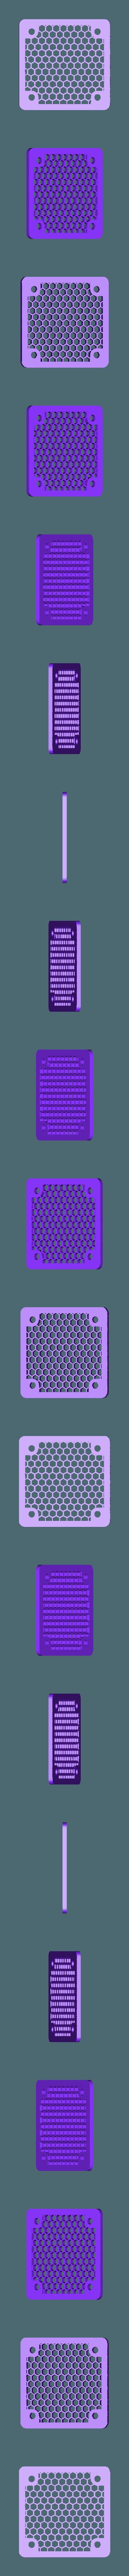 GRILL_40MM.STL Télécharger fichier STL gratuit Étui Pi 4B Framboise Framboise • Objet pour imprimante 3D, mkellsy